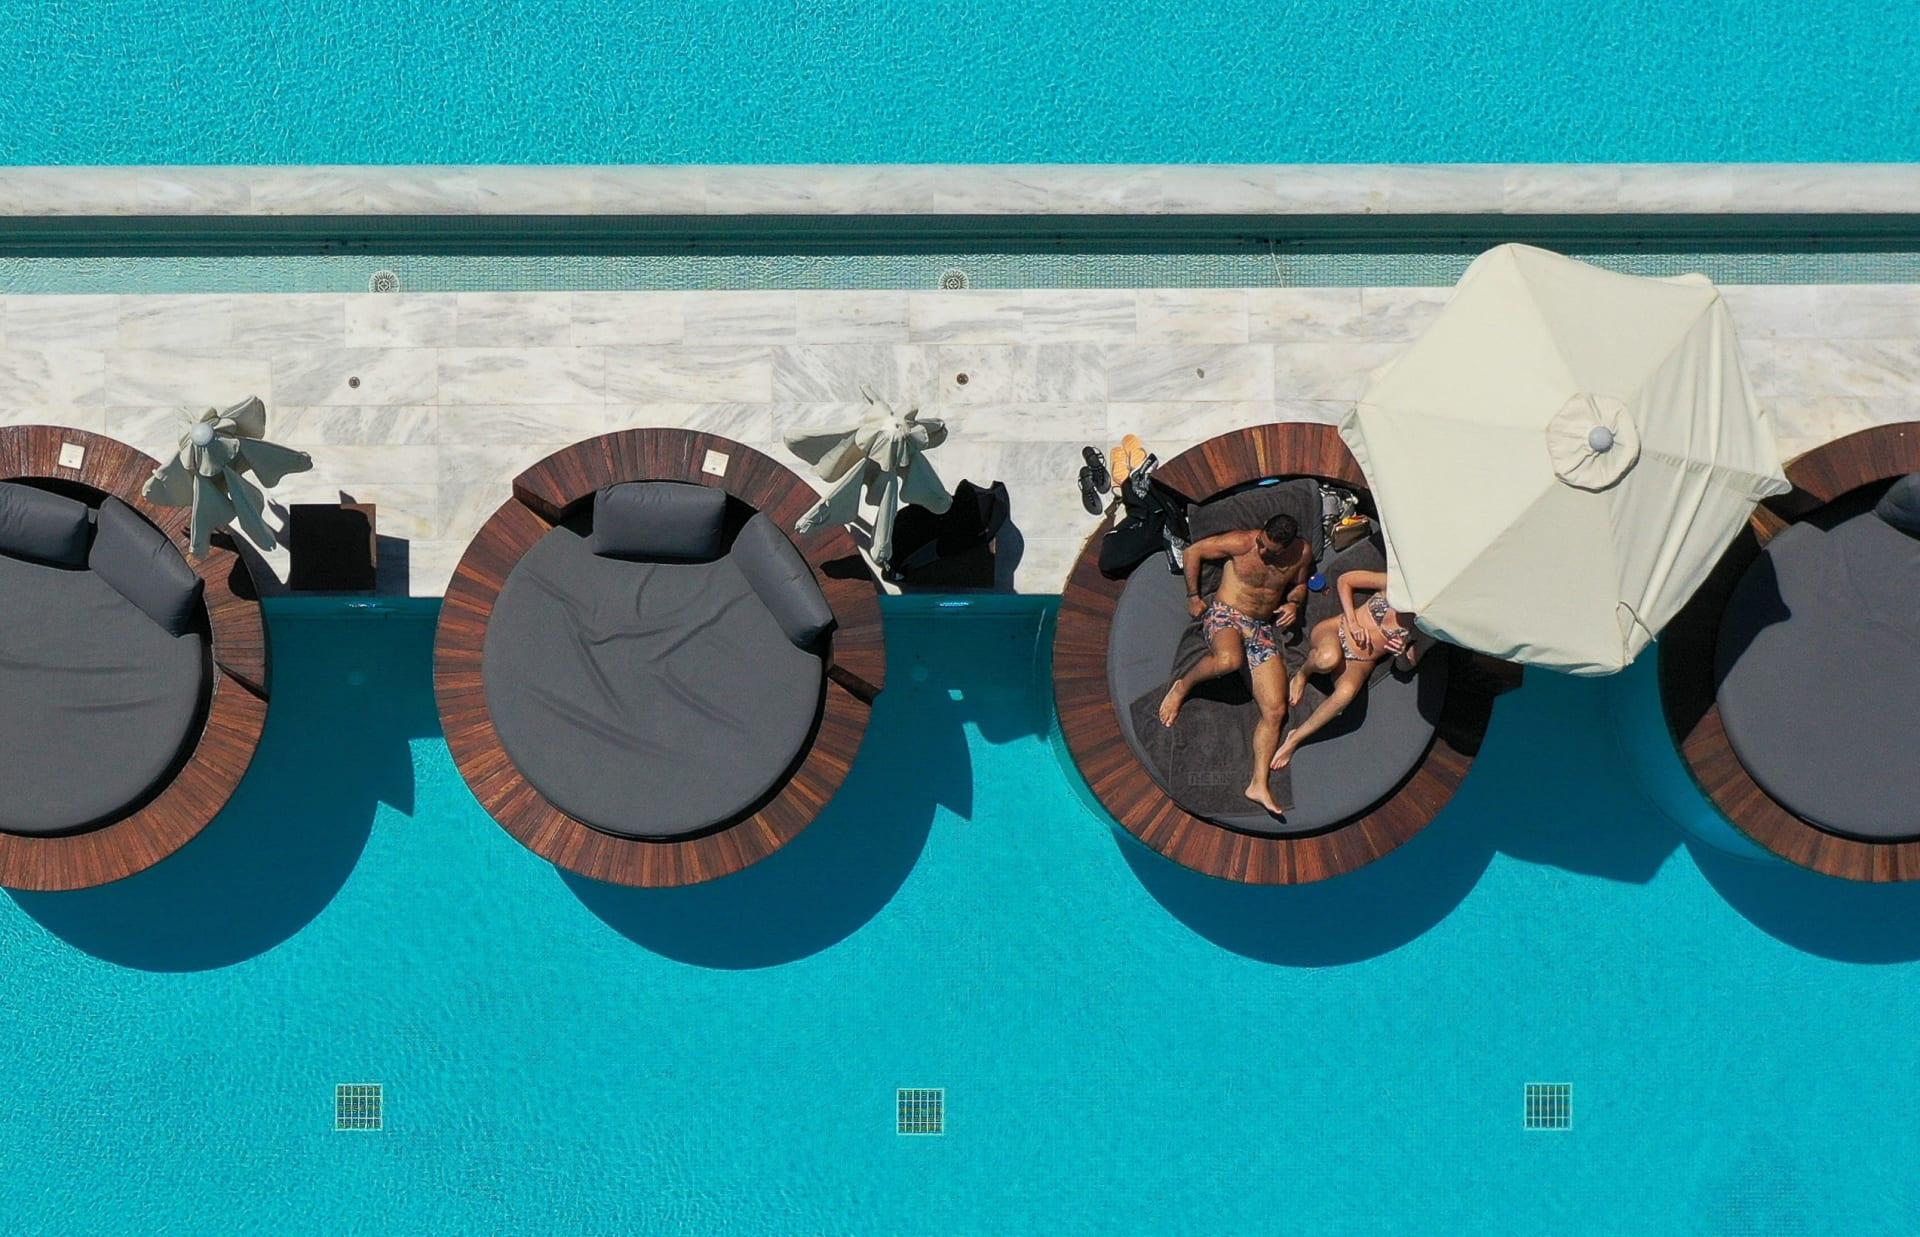 كيف تستعد الوجهات حول العالم لاستقبال السياح هذا الصيف؟